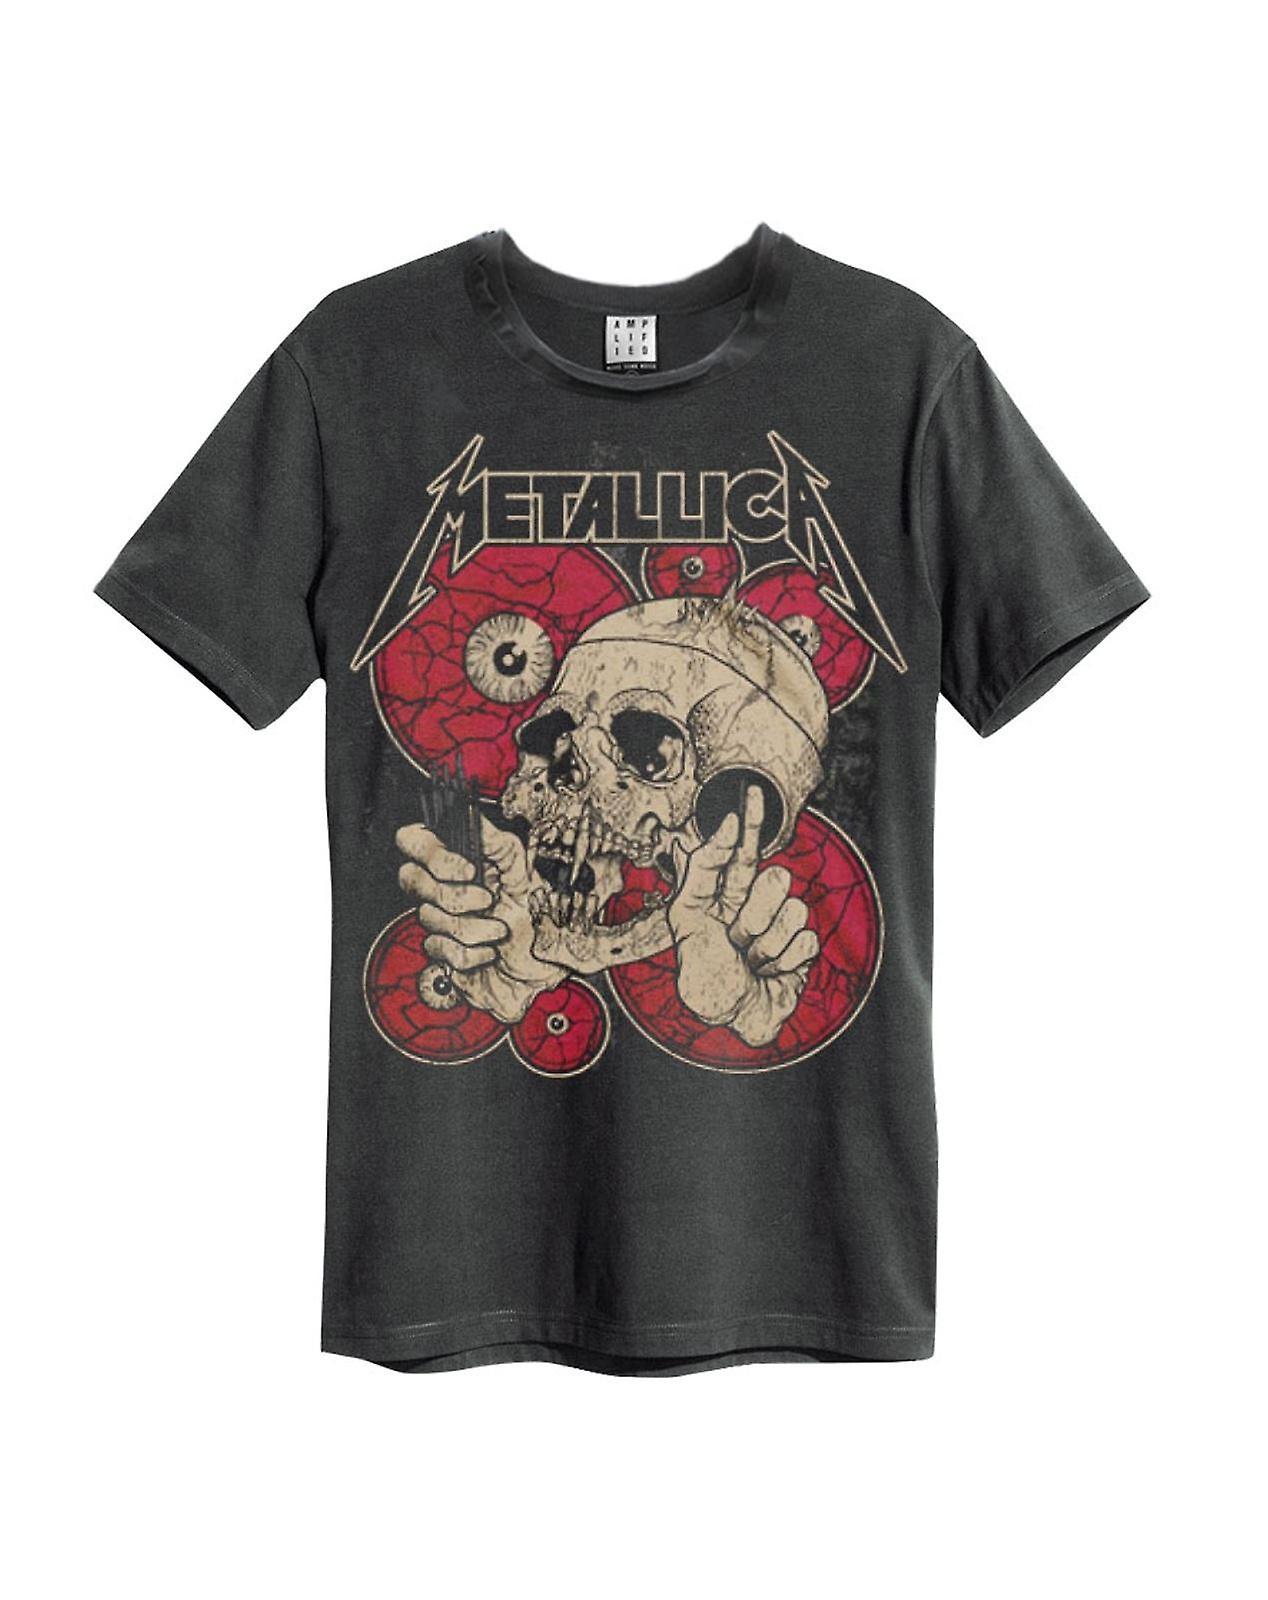 Amplified Metallica Watching You Mens T-Shirt